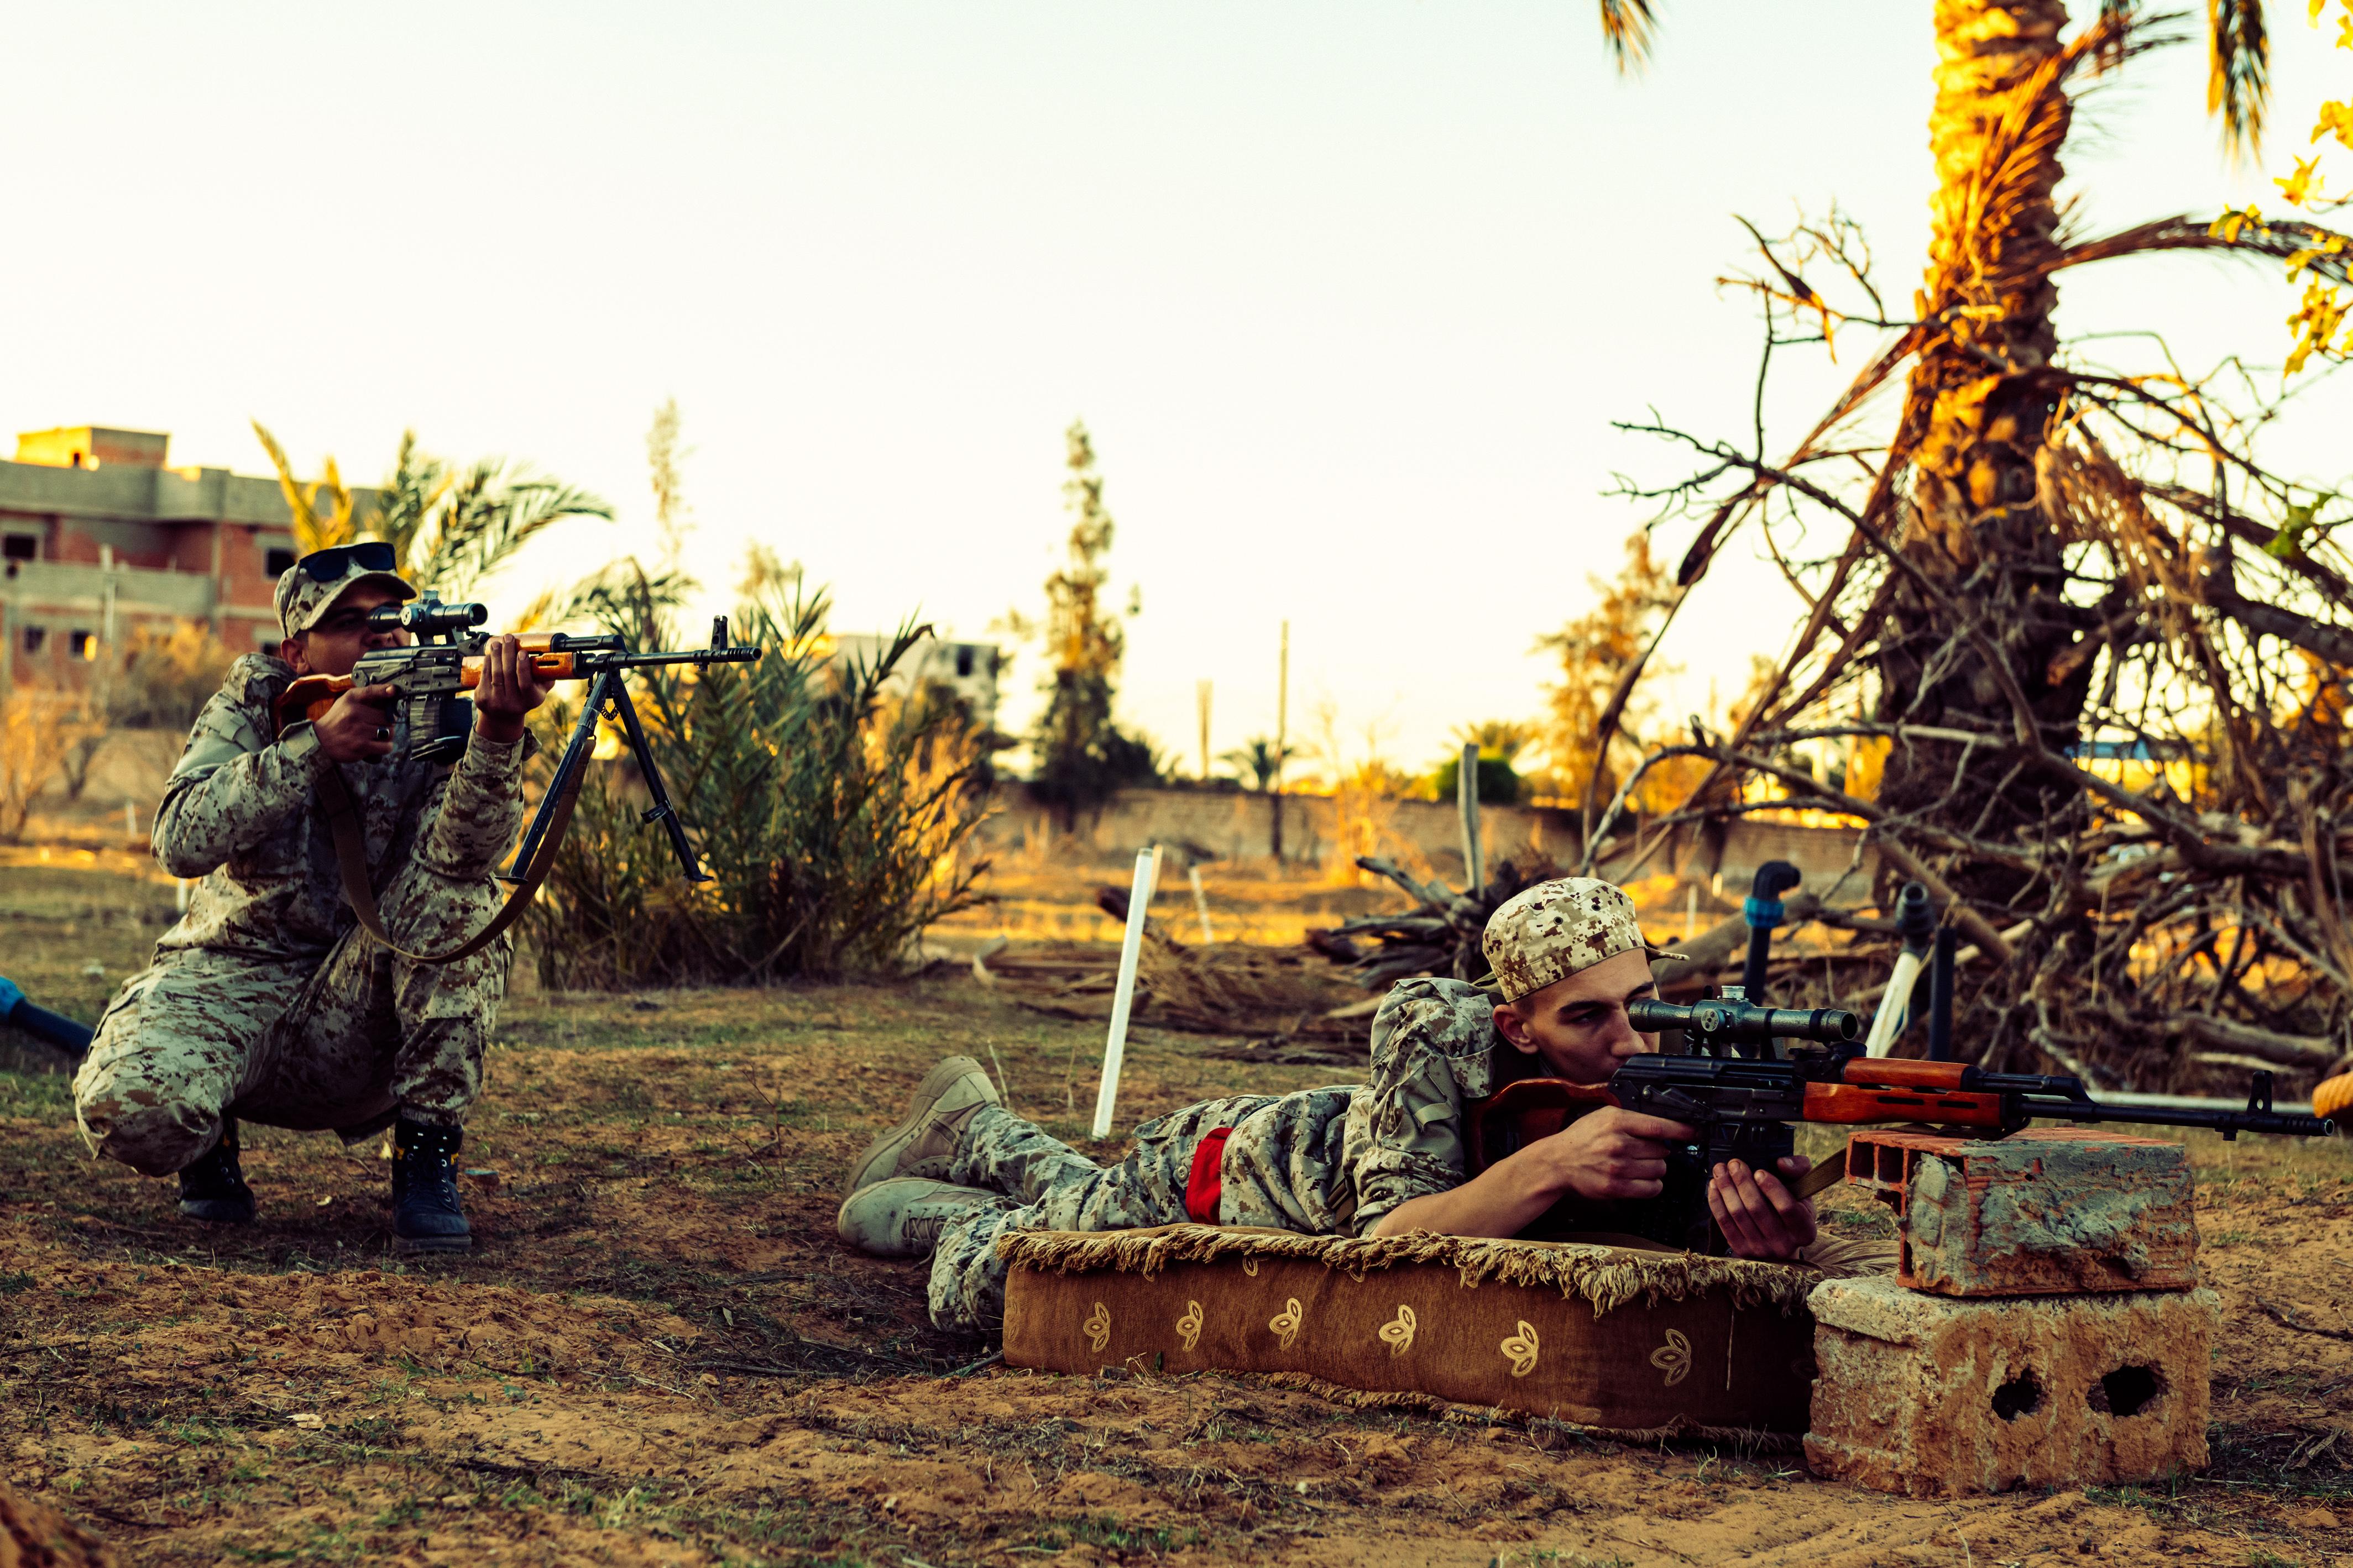 Miközben mindenki Iránra figyel, hatalmasat húztak a líbiai lázadók